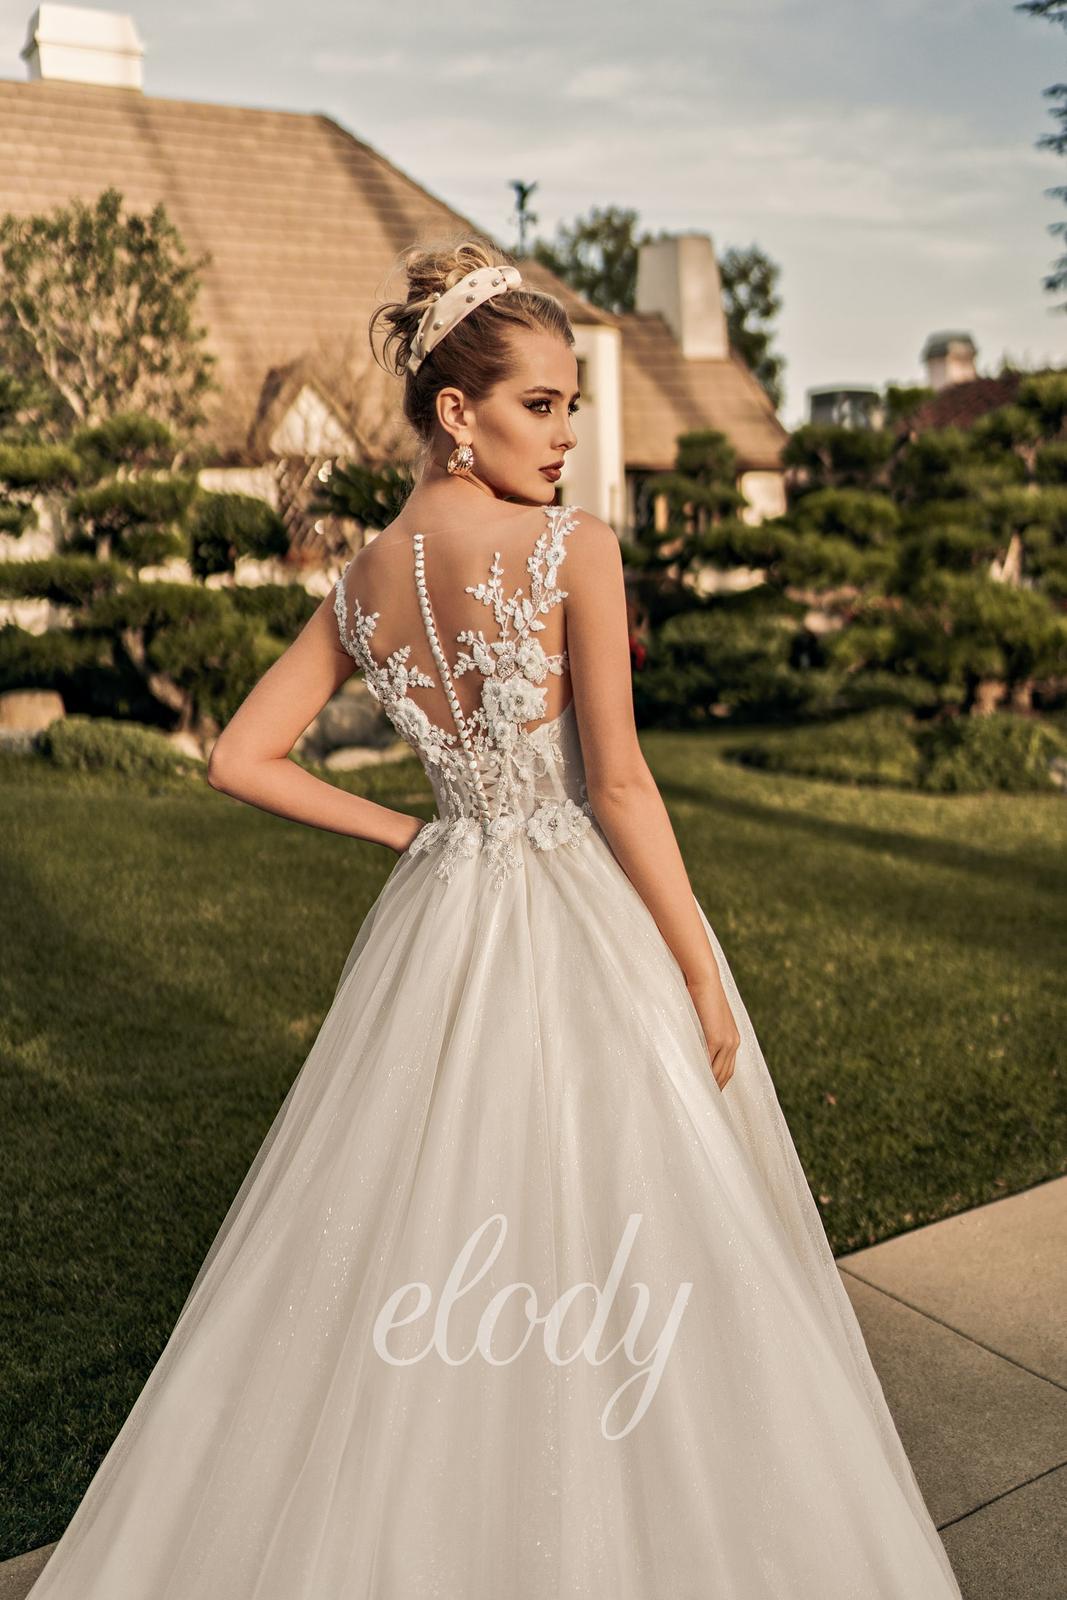 Svatební šaty Elody model 105 Linda vel. 32-34 (XS) - Obrázek č. 2